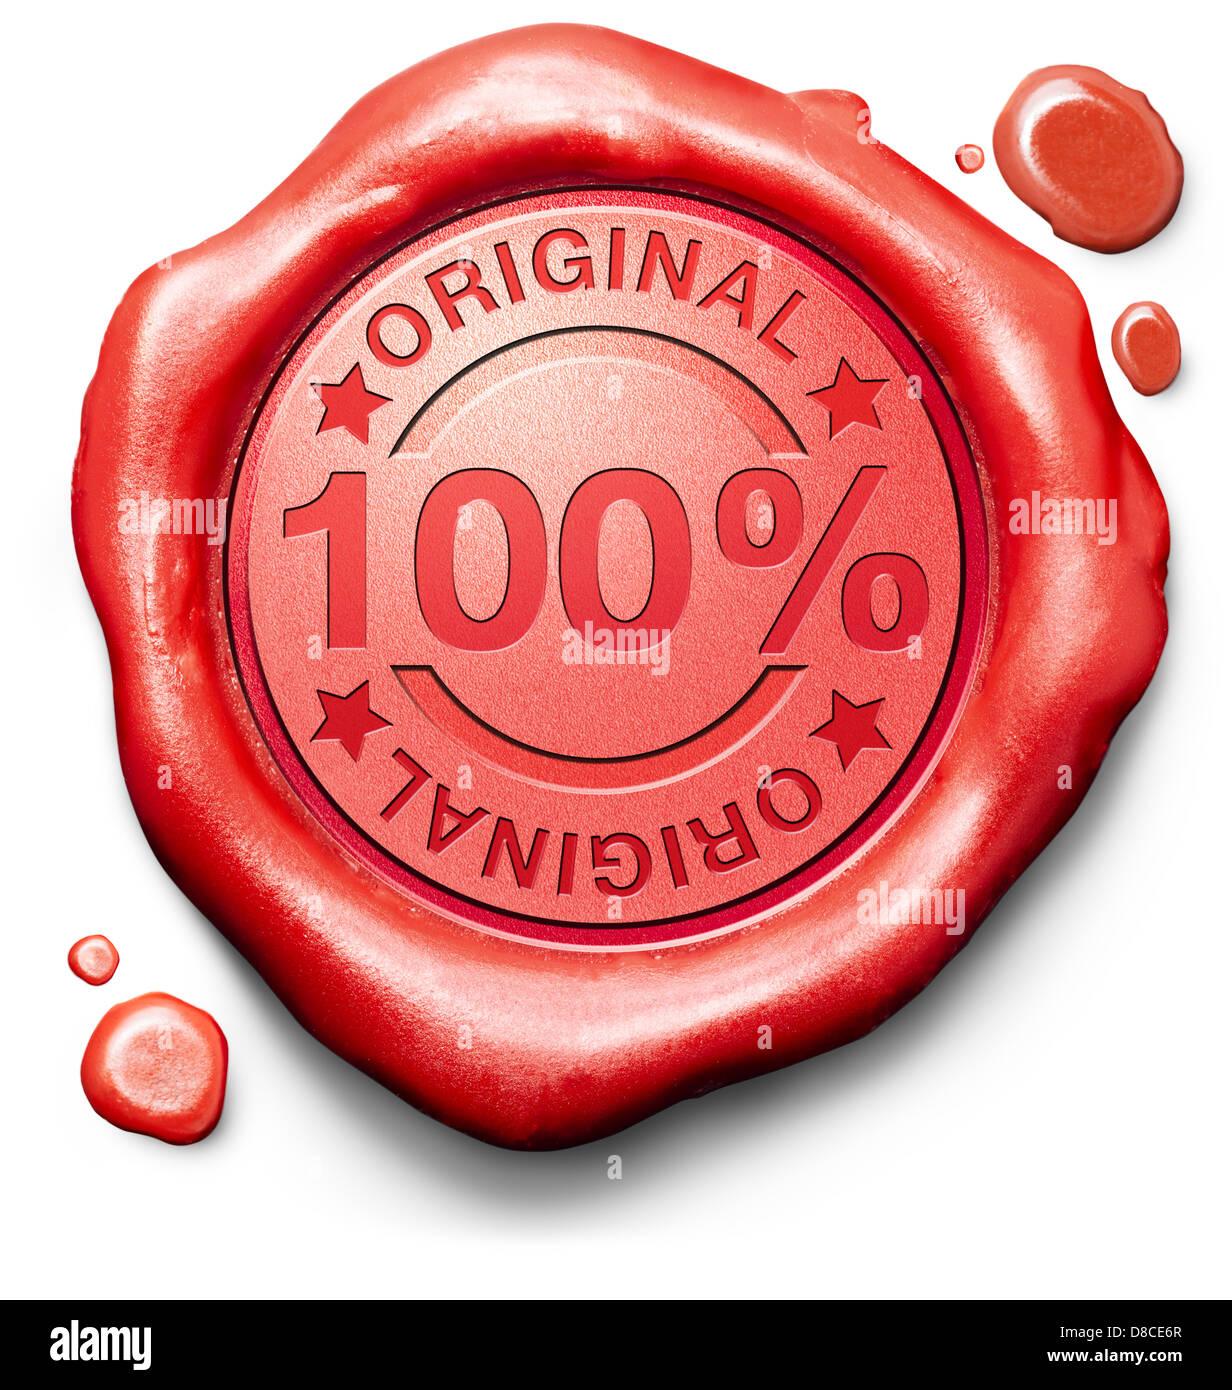 Auténtico contenido original o la calidad del producto Autenticidad garantizada 100% originalidad innovación Imagen De Stock